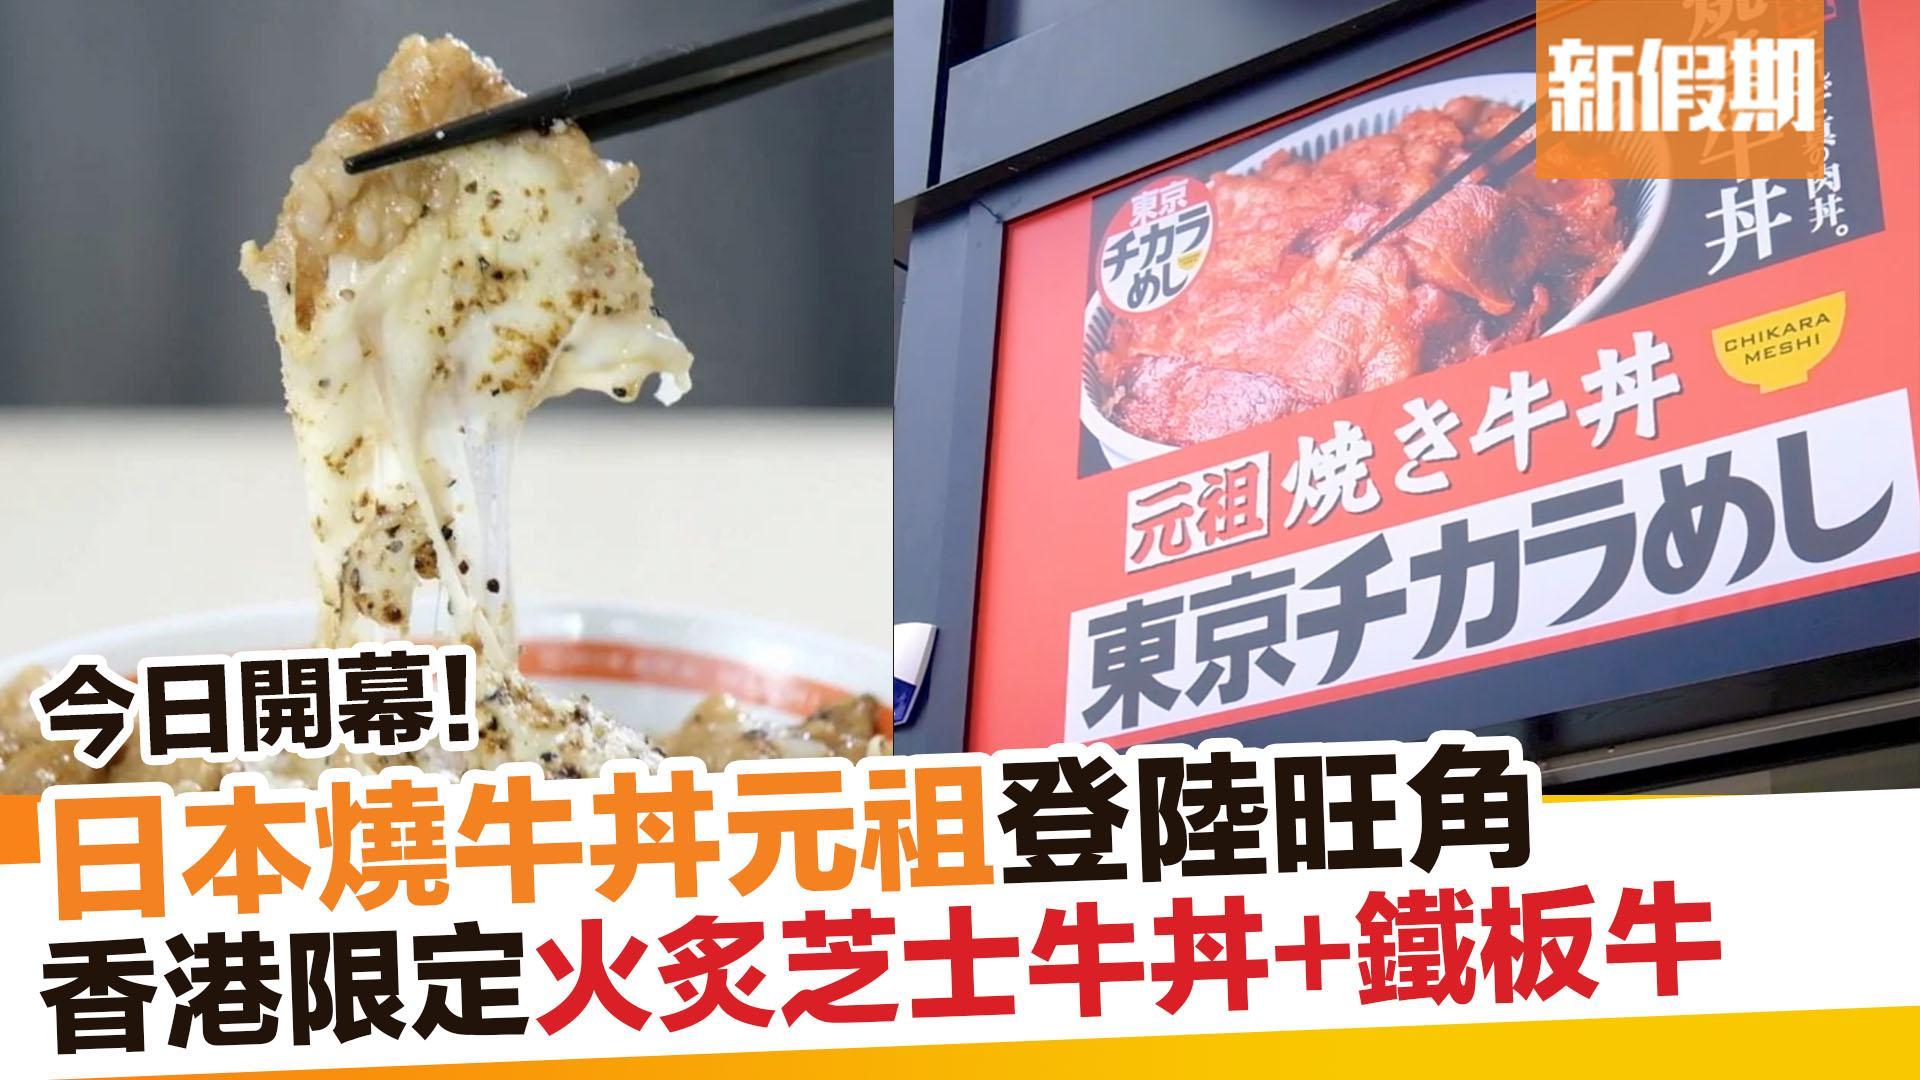 【區區搵食】日本燒牛丼元祖6月登陸旺角開分店!香港首間分店 必試即燒厚切鐵板燒 仲有香港限定丼飯 新假期